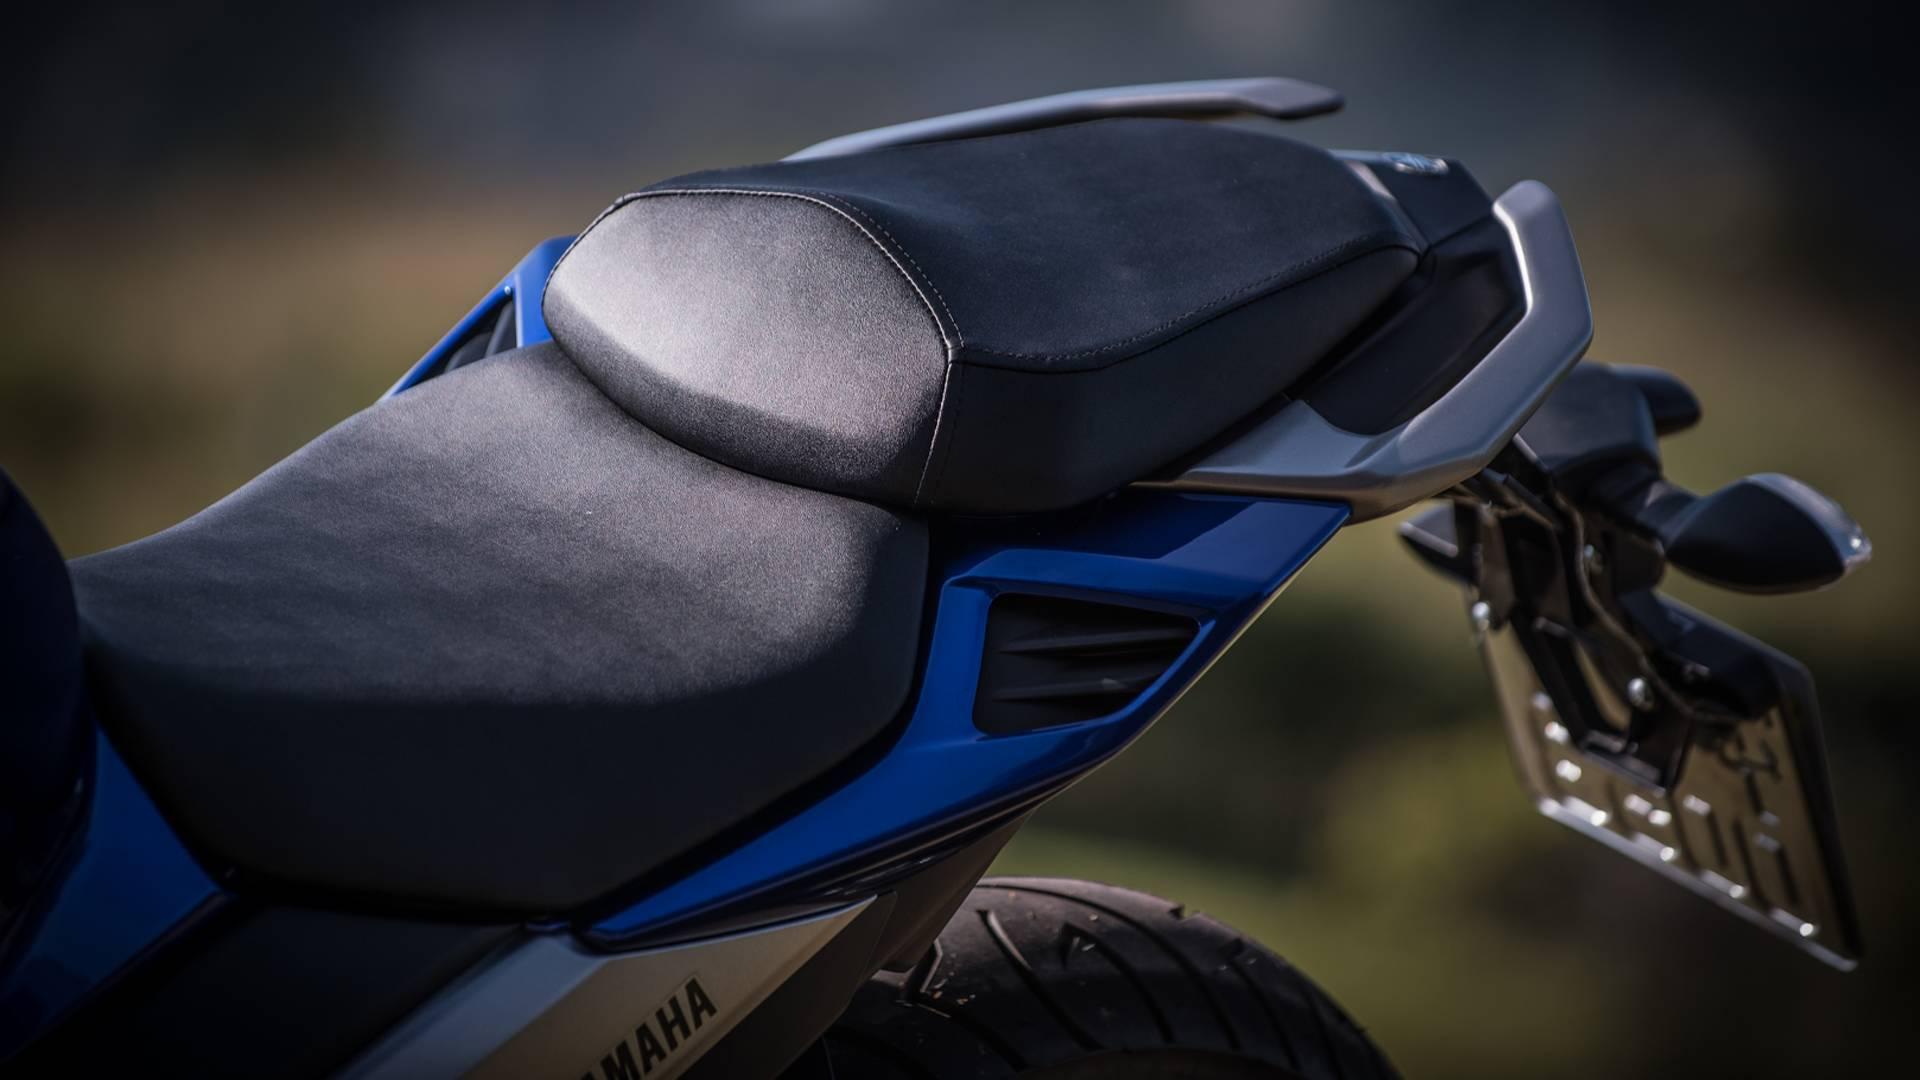 Yamaha Fazer 250 ABS. Foto: Divulgação